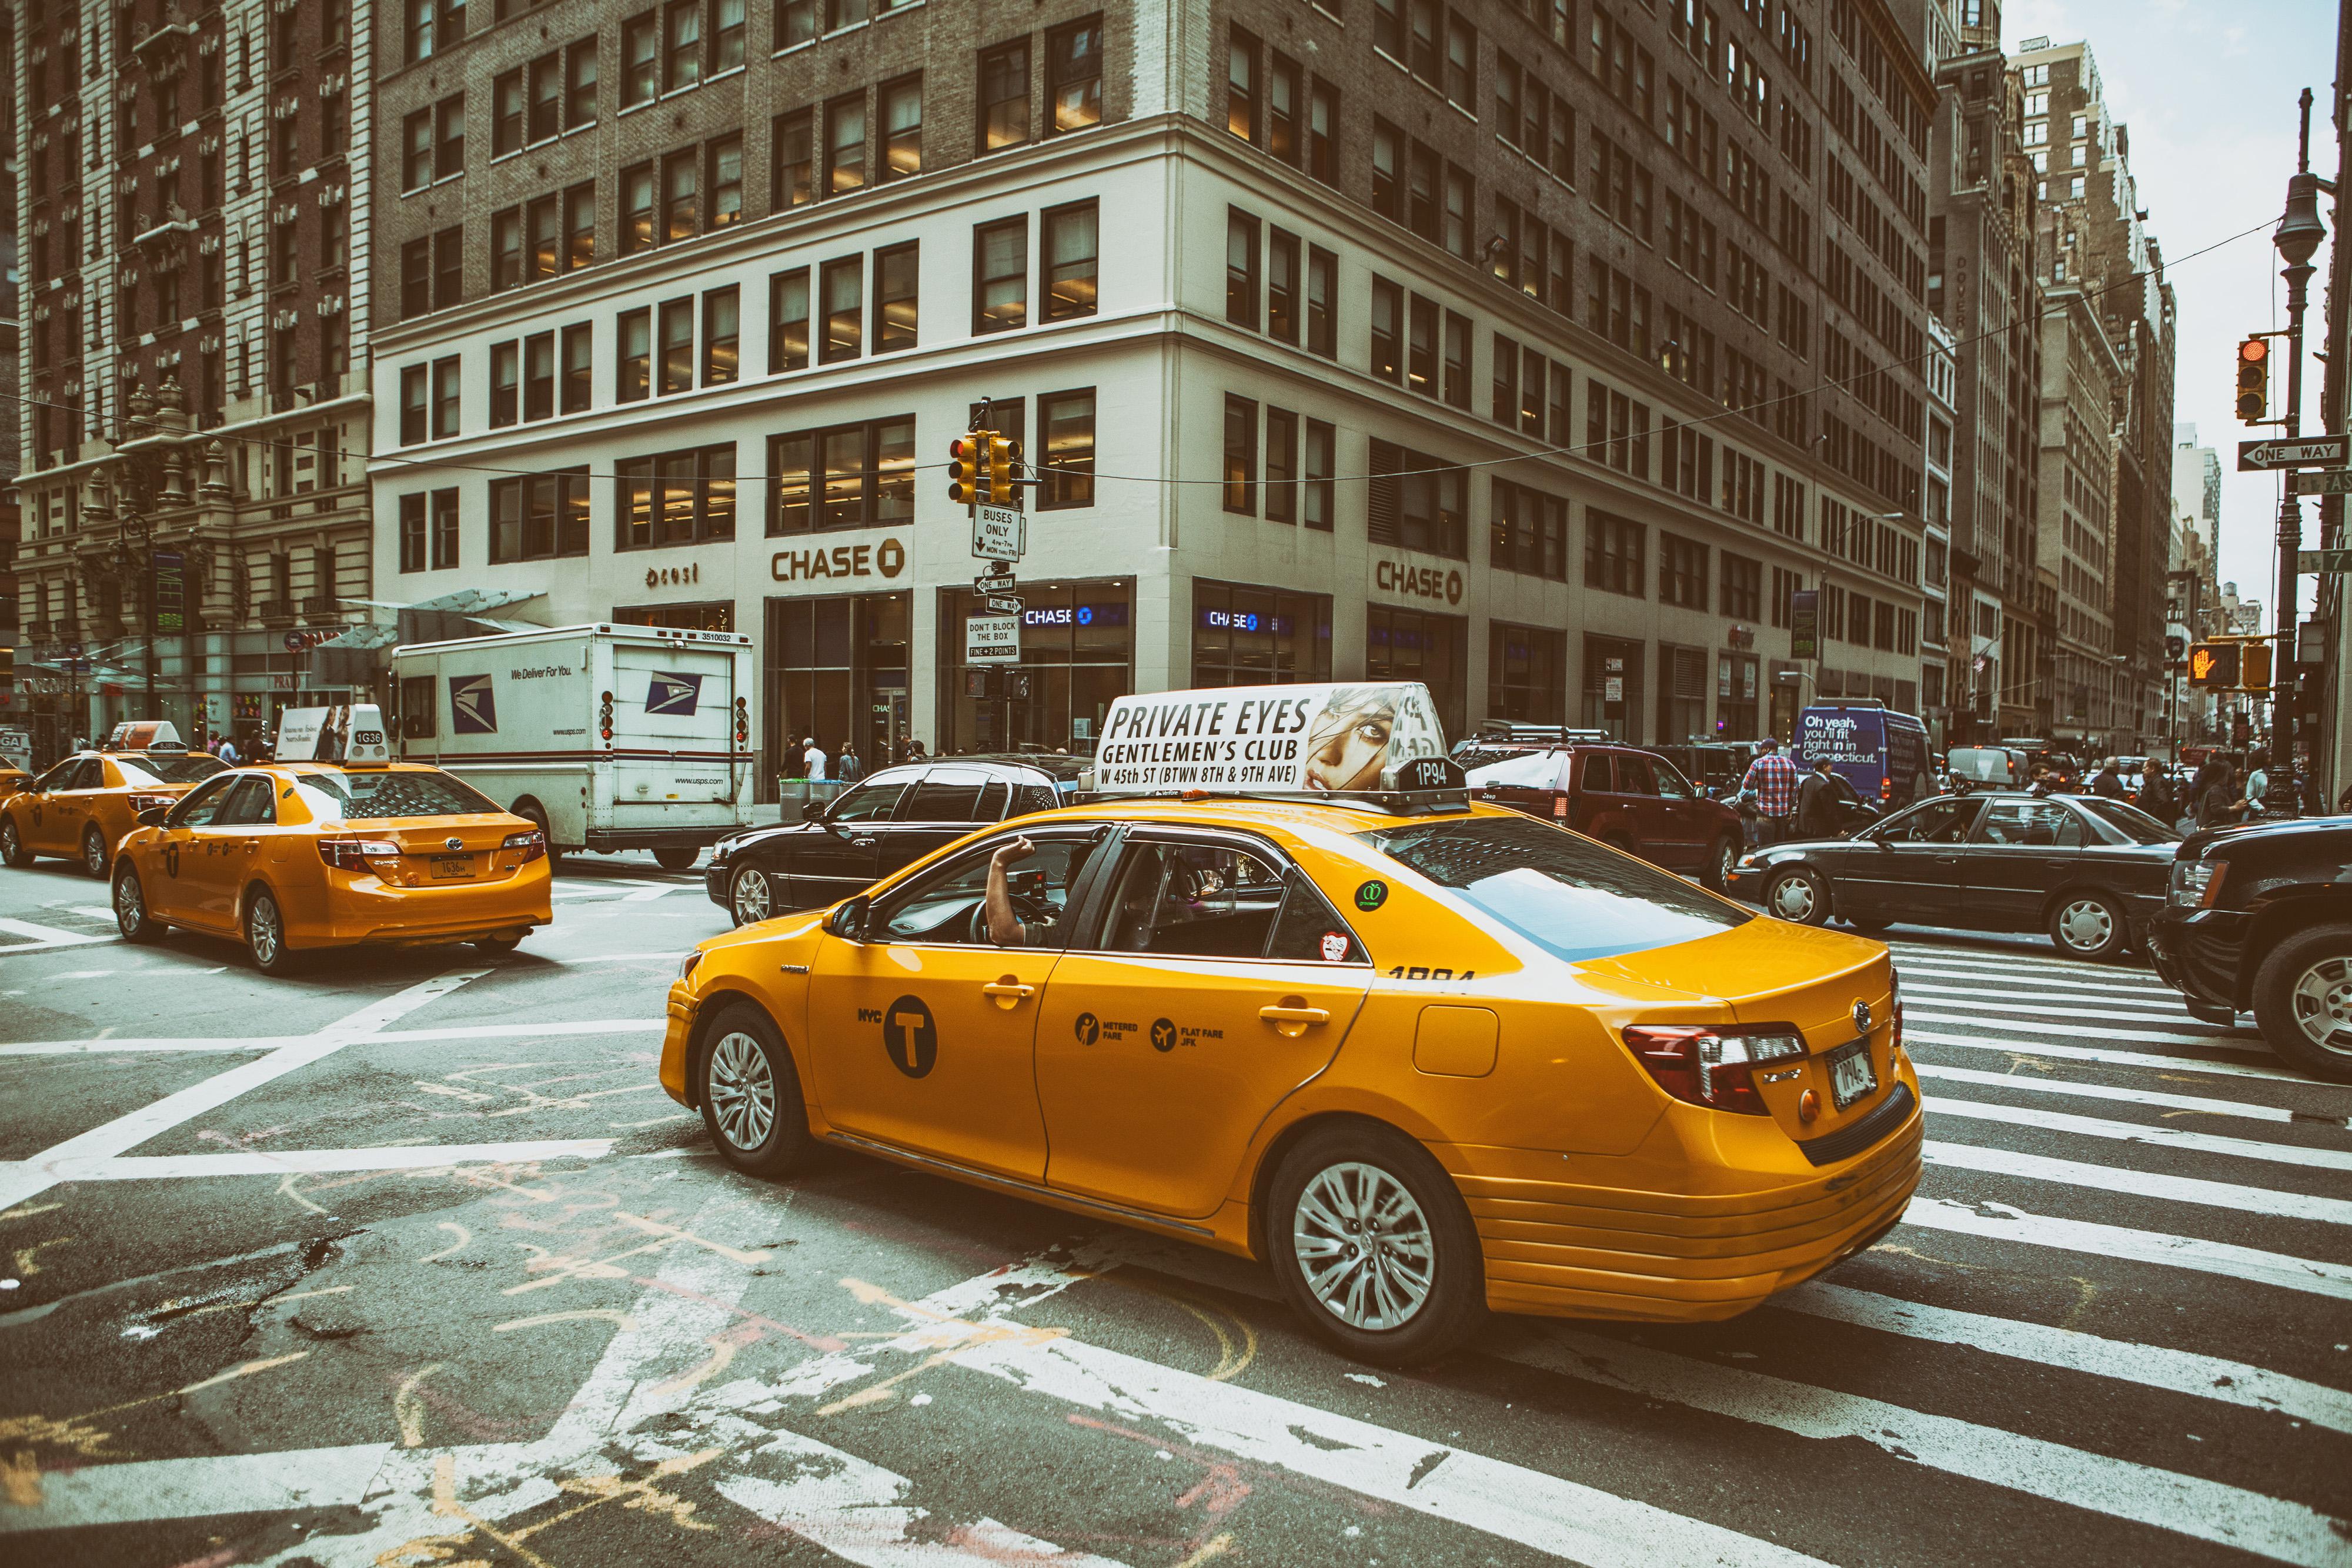 Такси в городе картинка